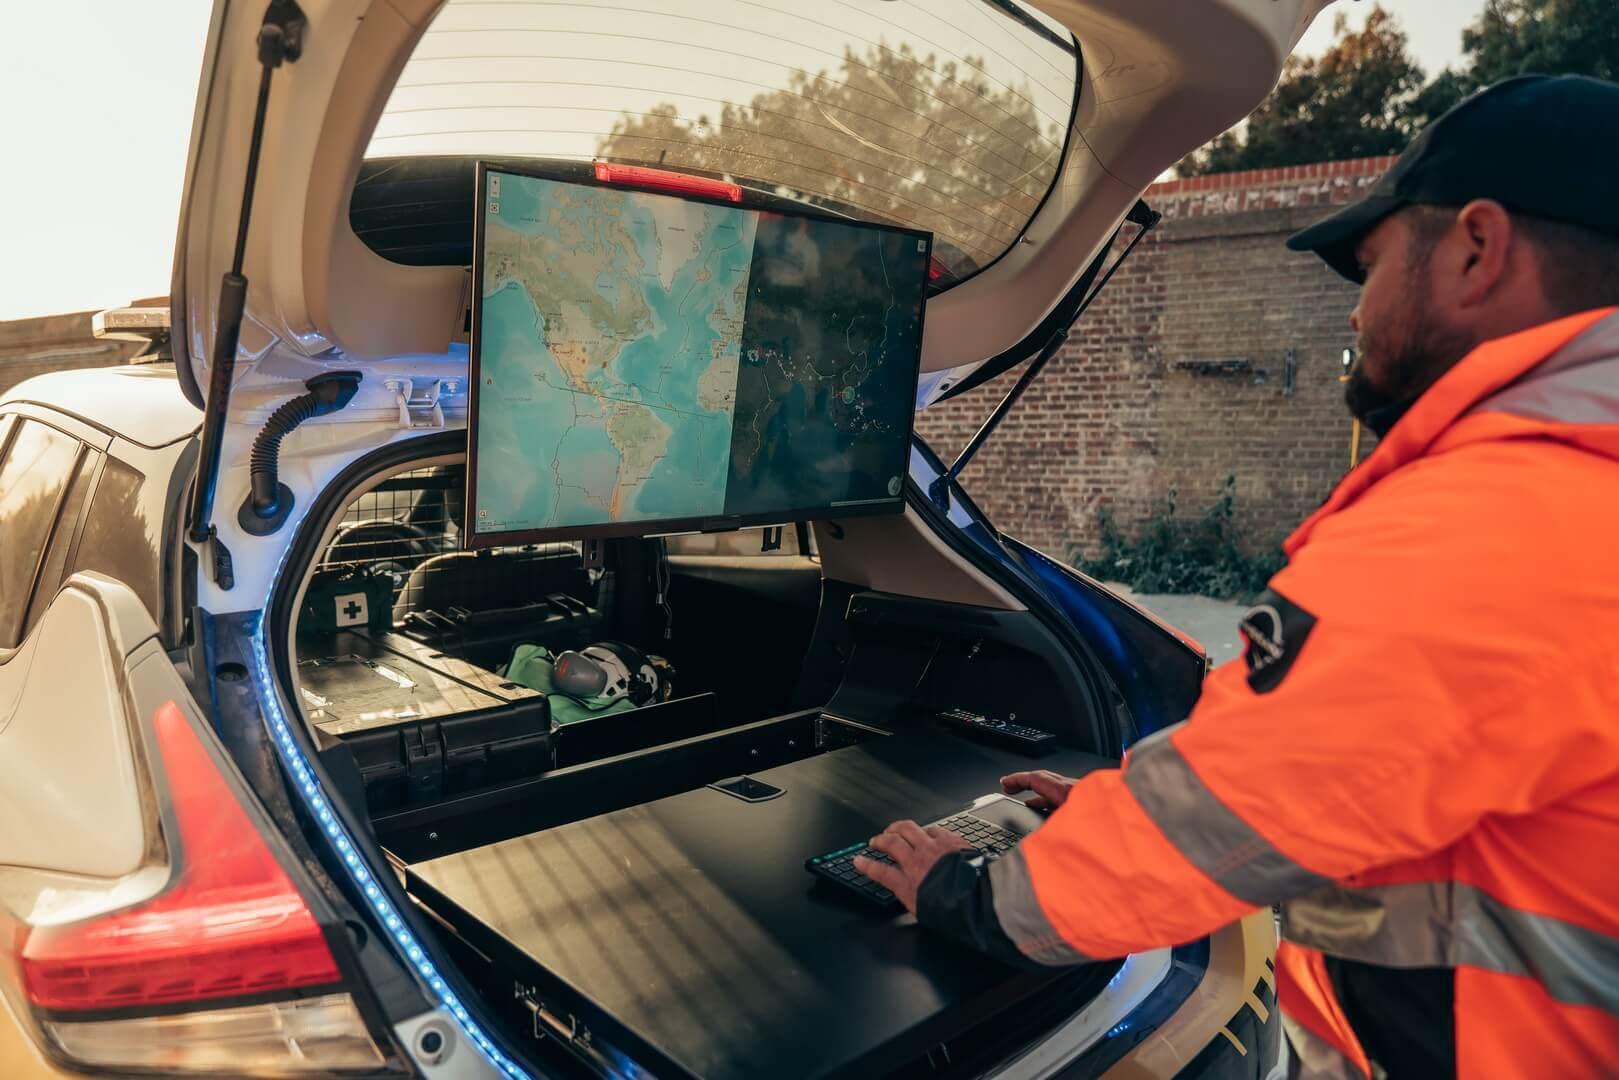 Выдвижной стол с32-дюймовым светодиодным экраном в багажнике